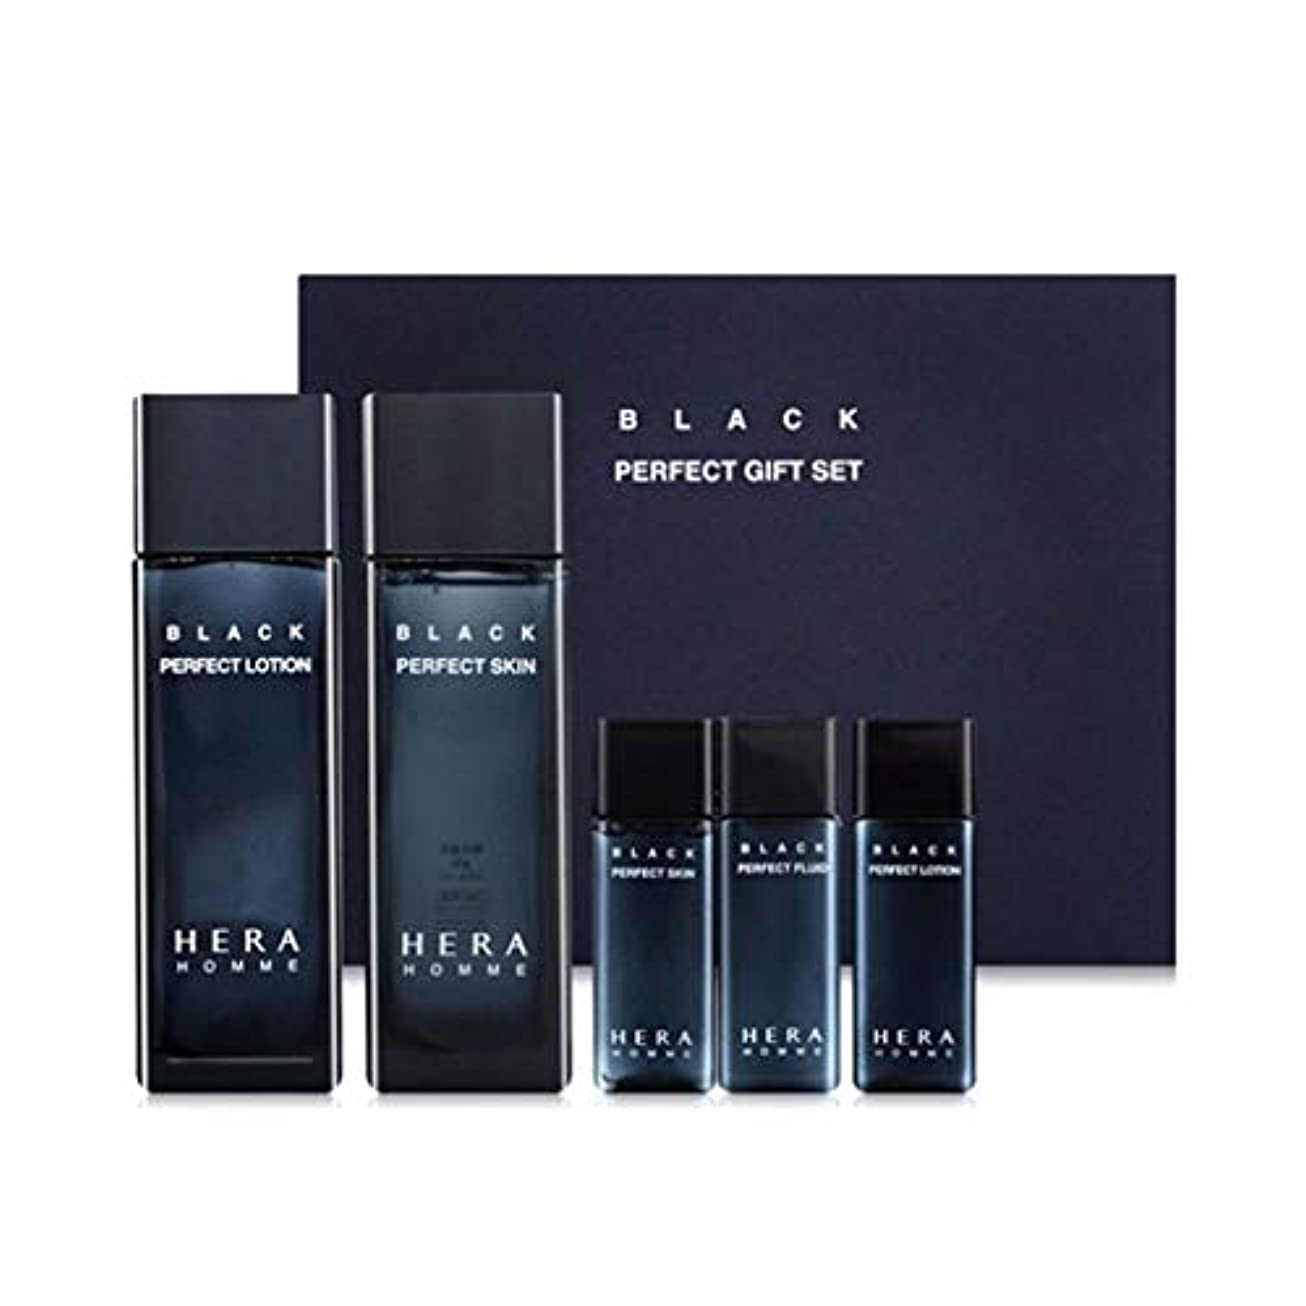 オート控えめな影響力のあるヘラオムブラックパーフェクトスキンローションセットメンズコスメ韓国コスメ、Hera Homme Black Perfect Skin Lotion Set Men's Cosmetics Korean Cosmetics...